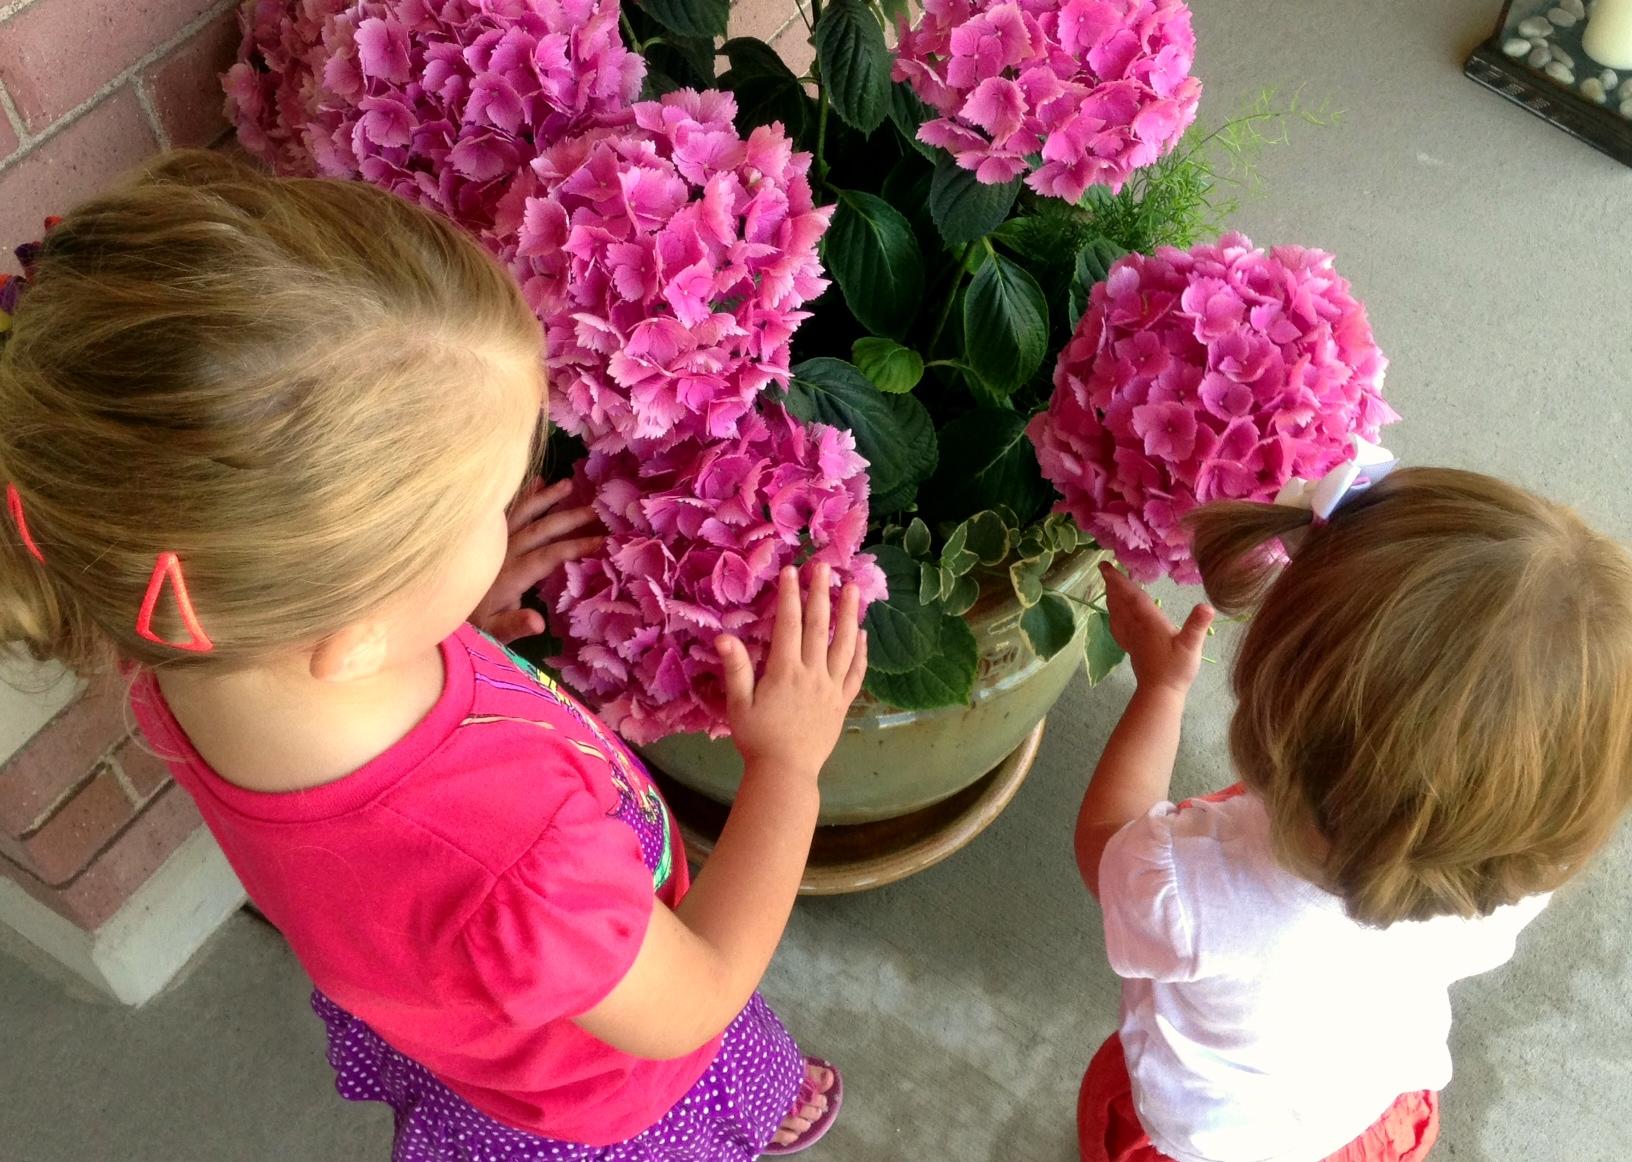 Watering Grandma's flowers!